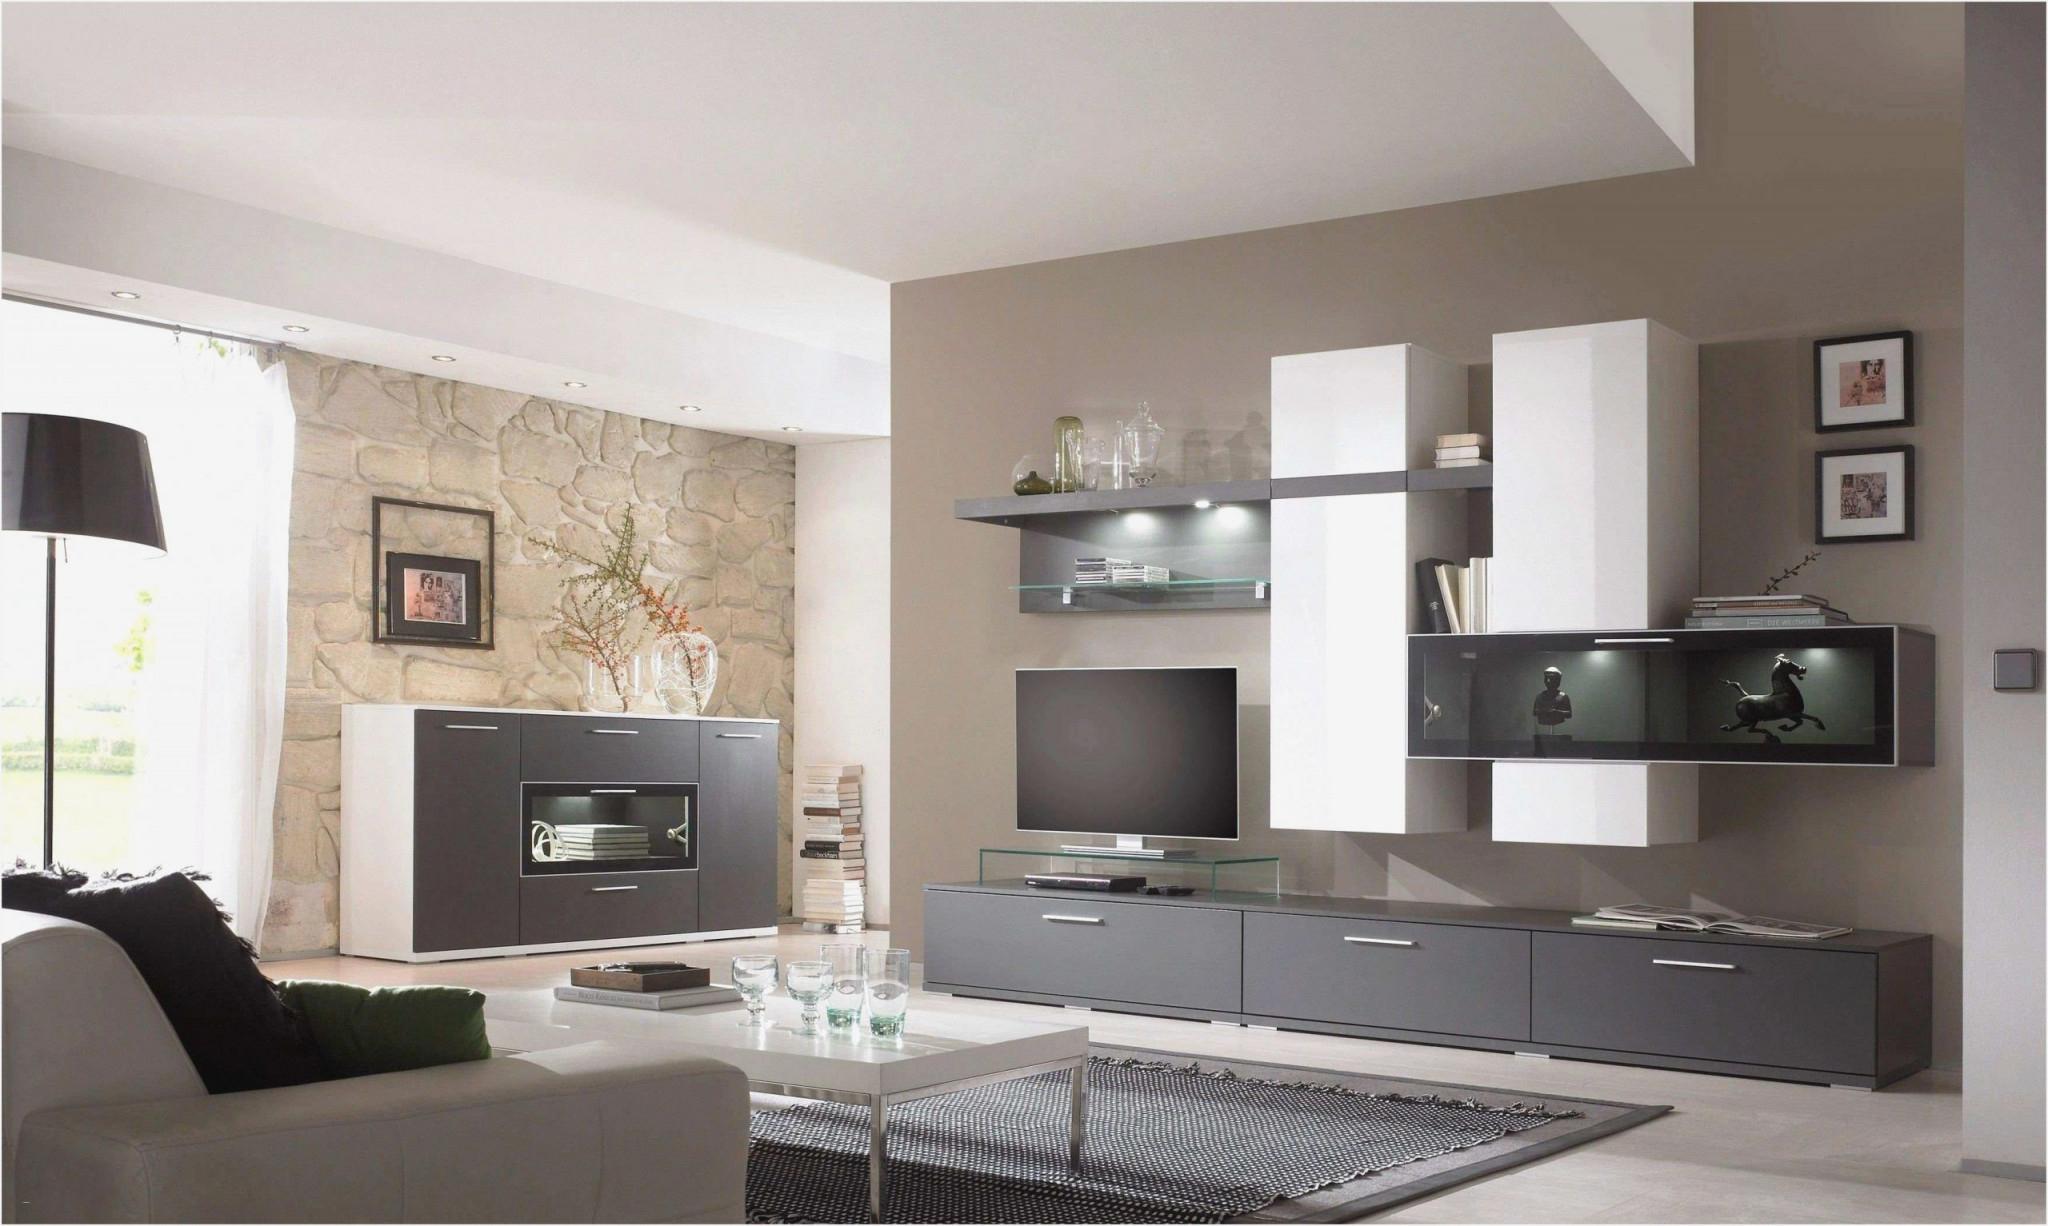 Wohnzimmer Maler Ideen Türkis Farbe  Wohnzimmer  Traumhaus von Maler Ideen Wohnzimmer Bild